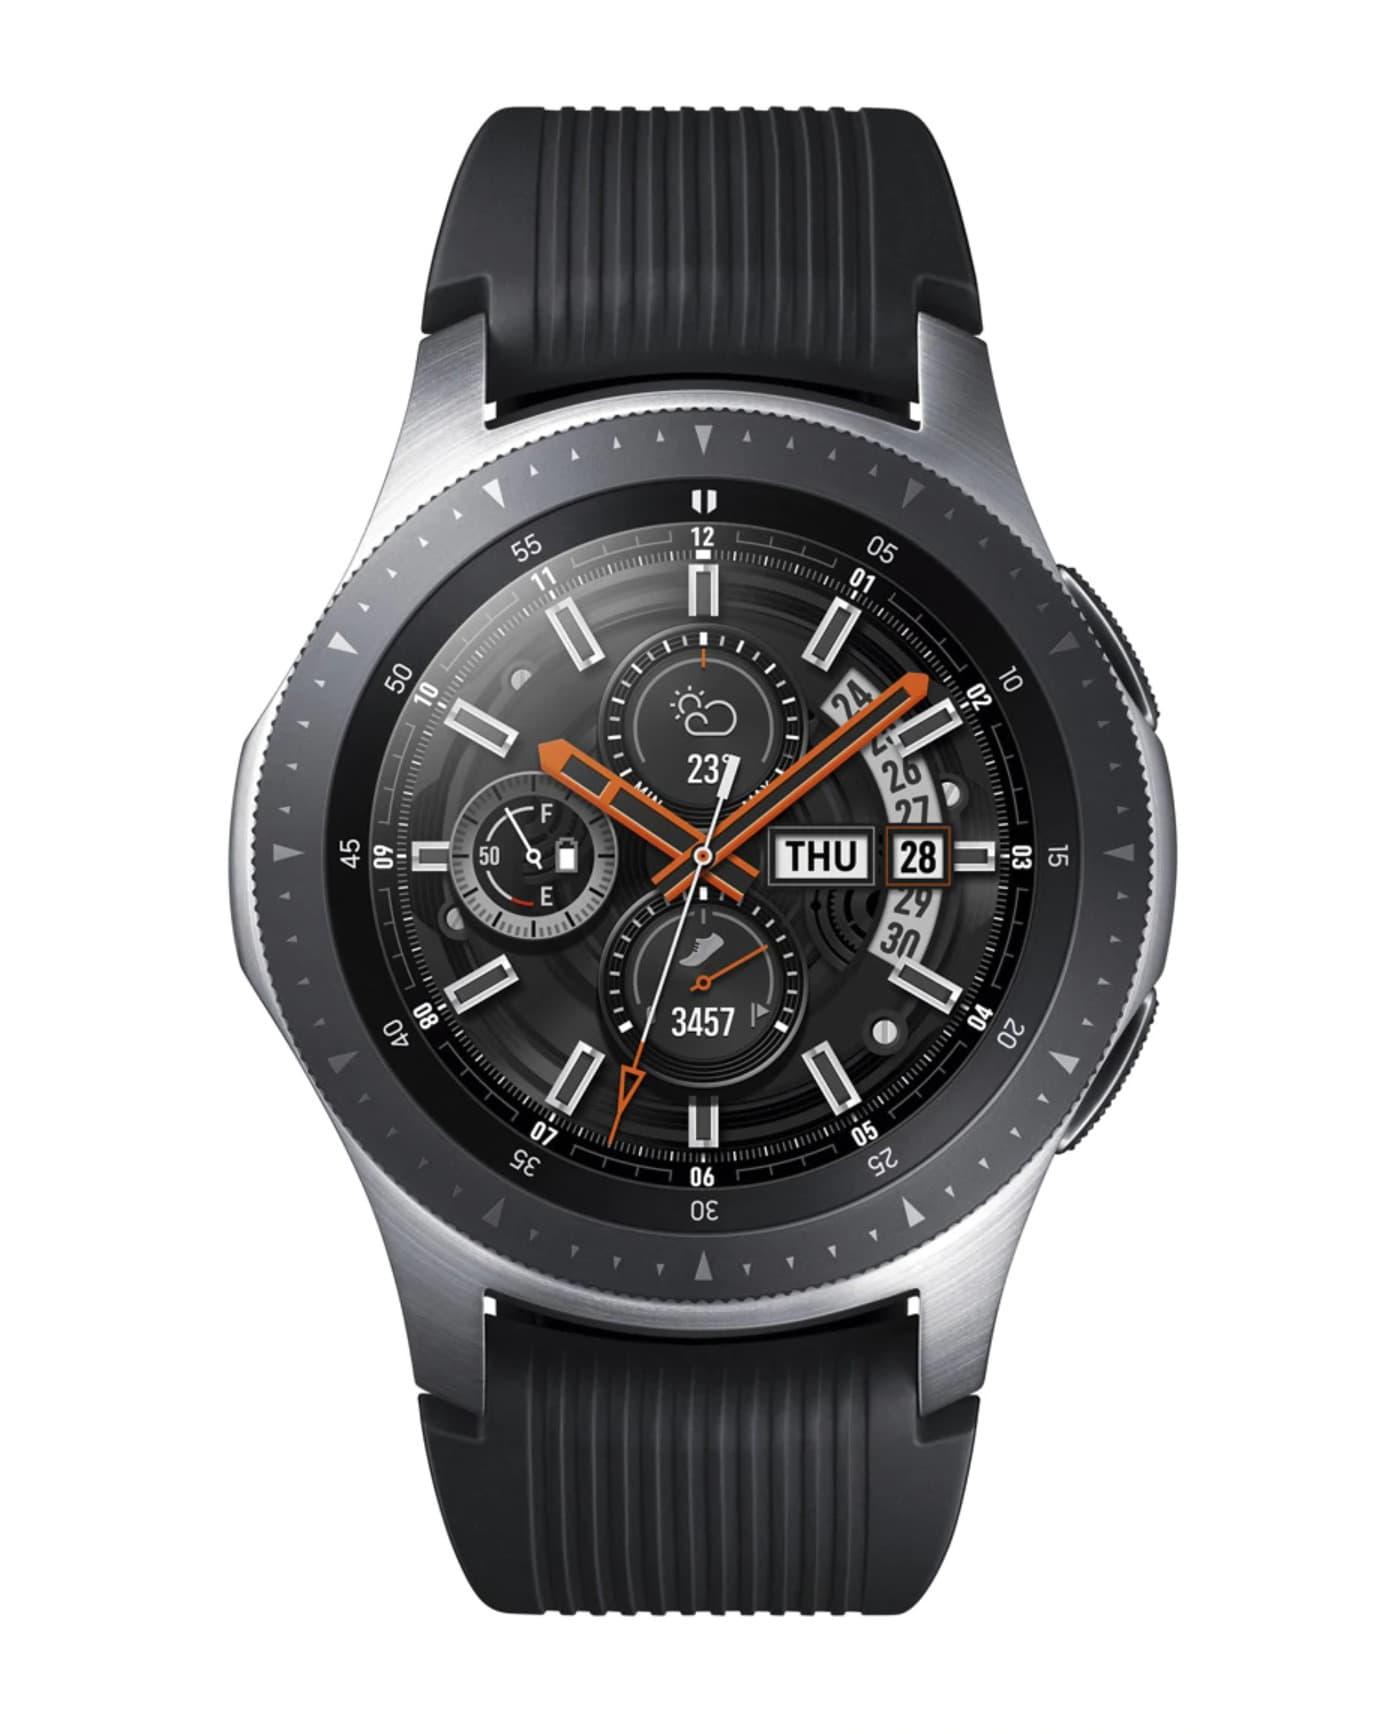 Samsung Galaxy Watch 46 mm BT Plata Smartwatch